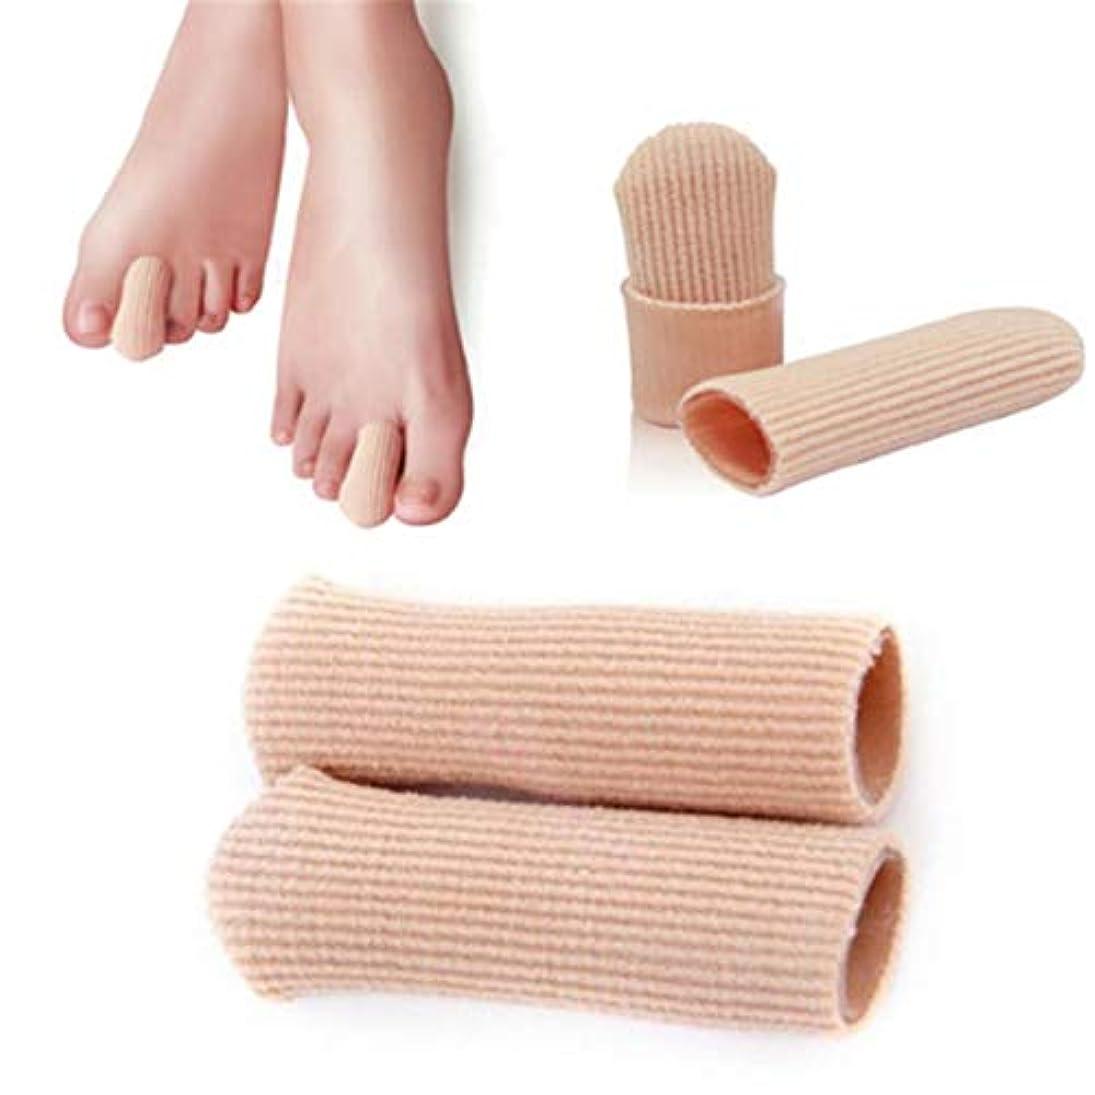 すぐに確認してください風B-035 SEBS Toe Tube Toe Caps Toe Cushions Foot Corns Remover Finger Toe Protect Body Massager Insoles Health Care